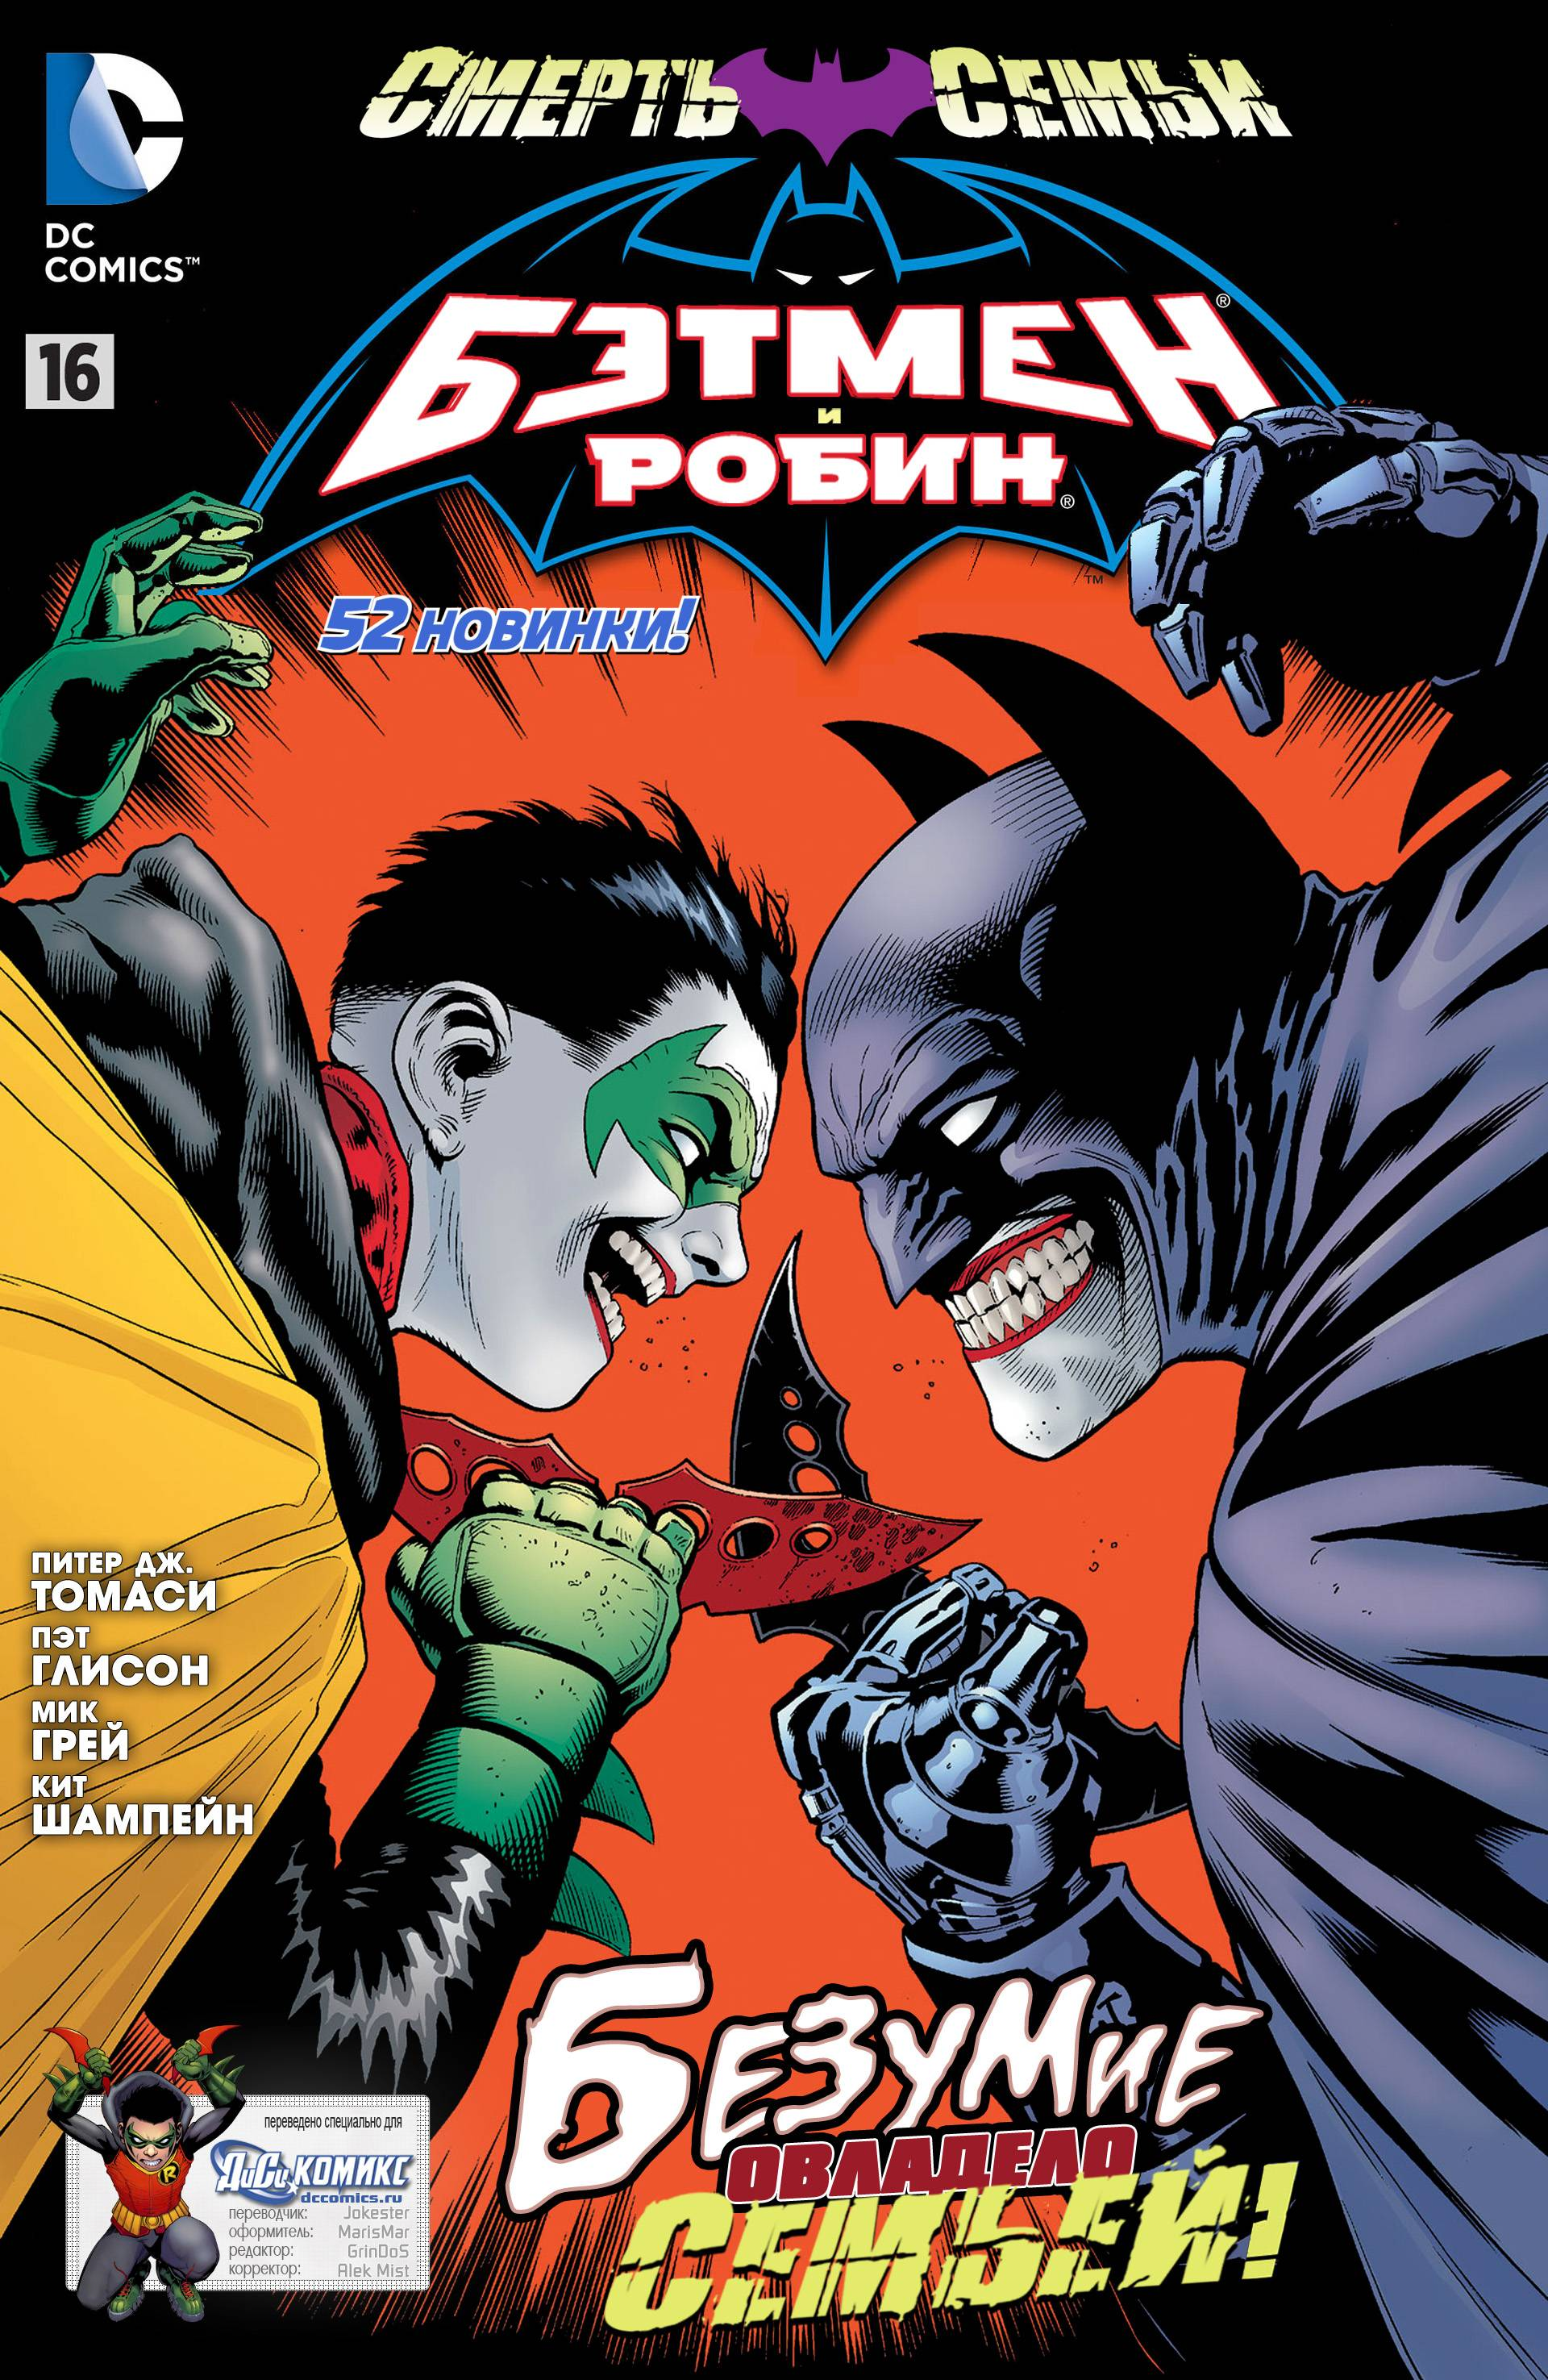 Бэтмен и Робин №16 онлайн